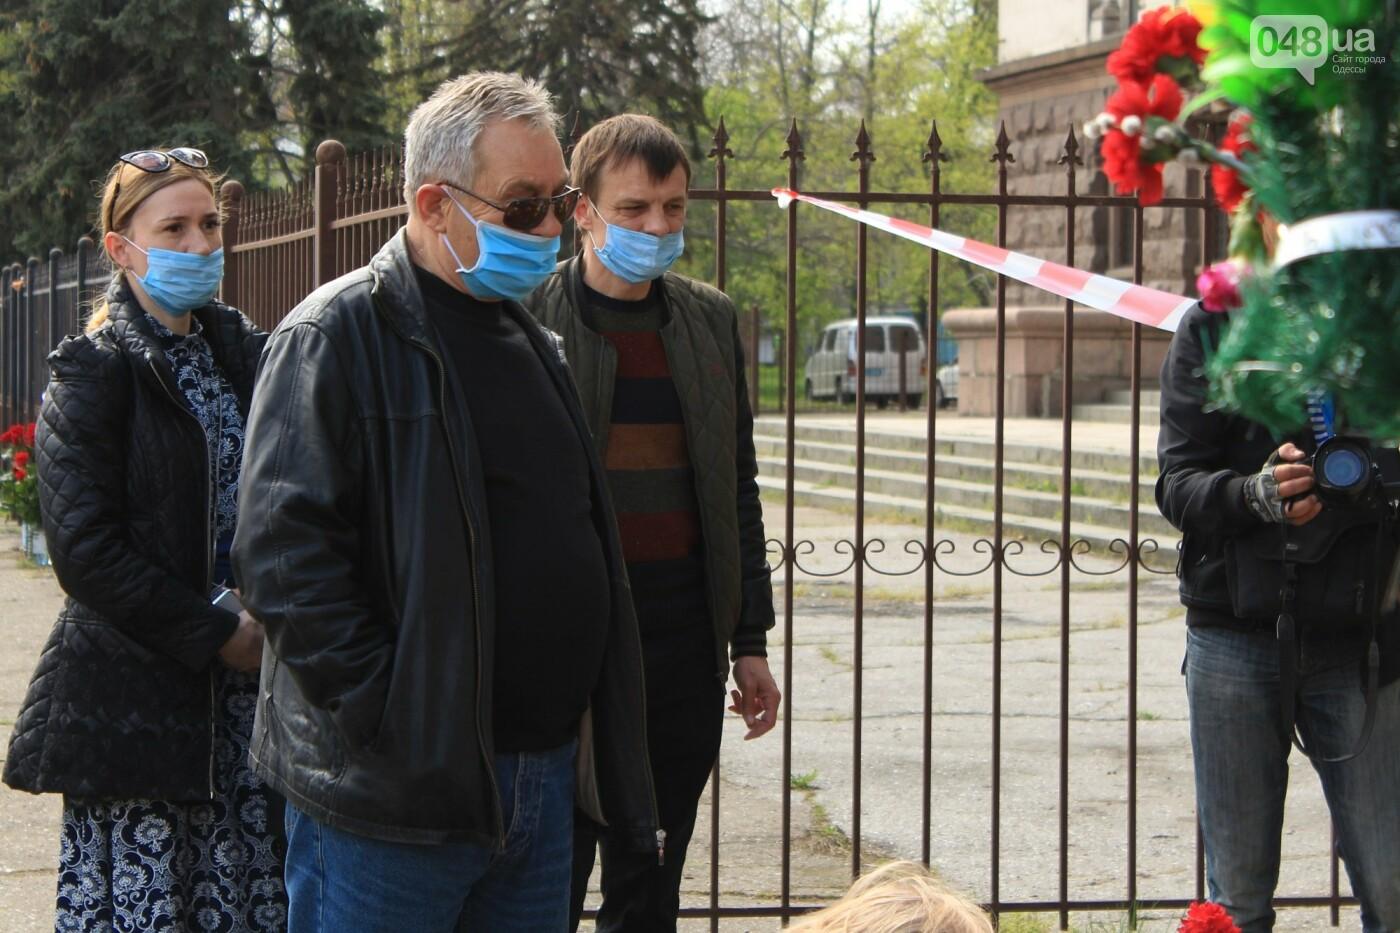 В Одессе к Дому профсоюзов несут цветы под присмотром полиции и медиков, - ФОТО, ВИДЕО , фото-26